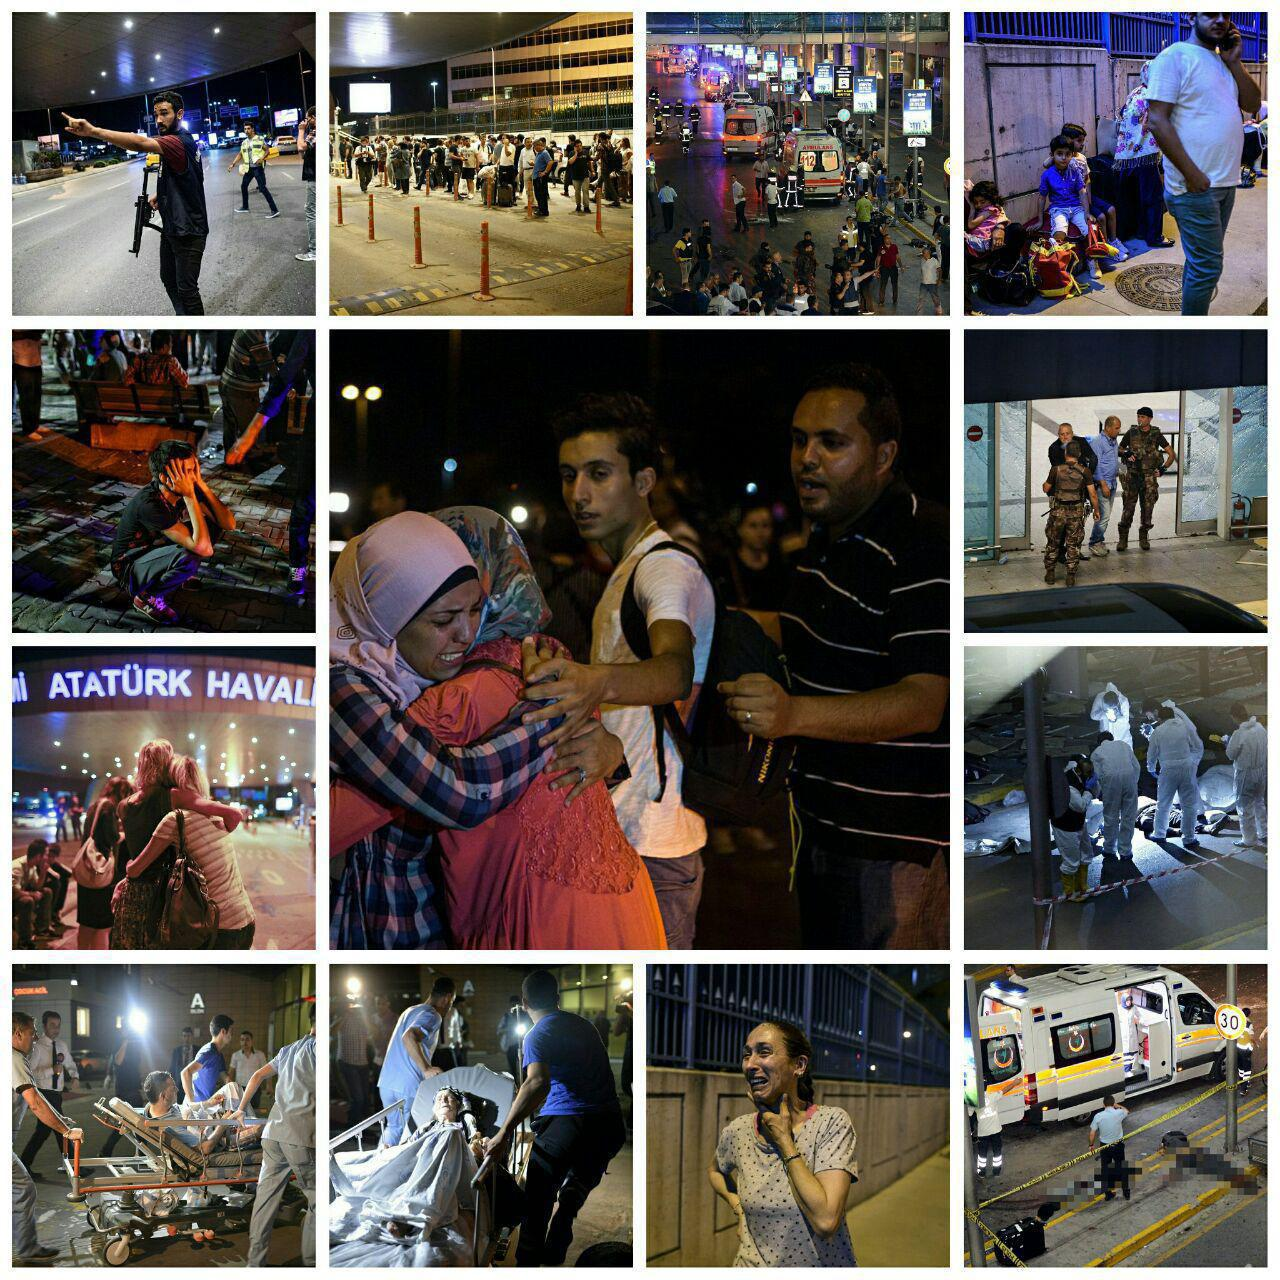 یک کشته و 5 مجروح ایرانی در انفجار فرودگاه استانبول